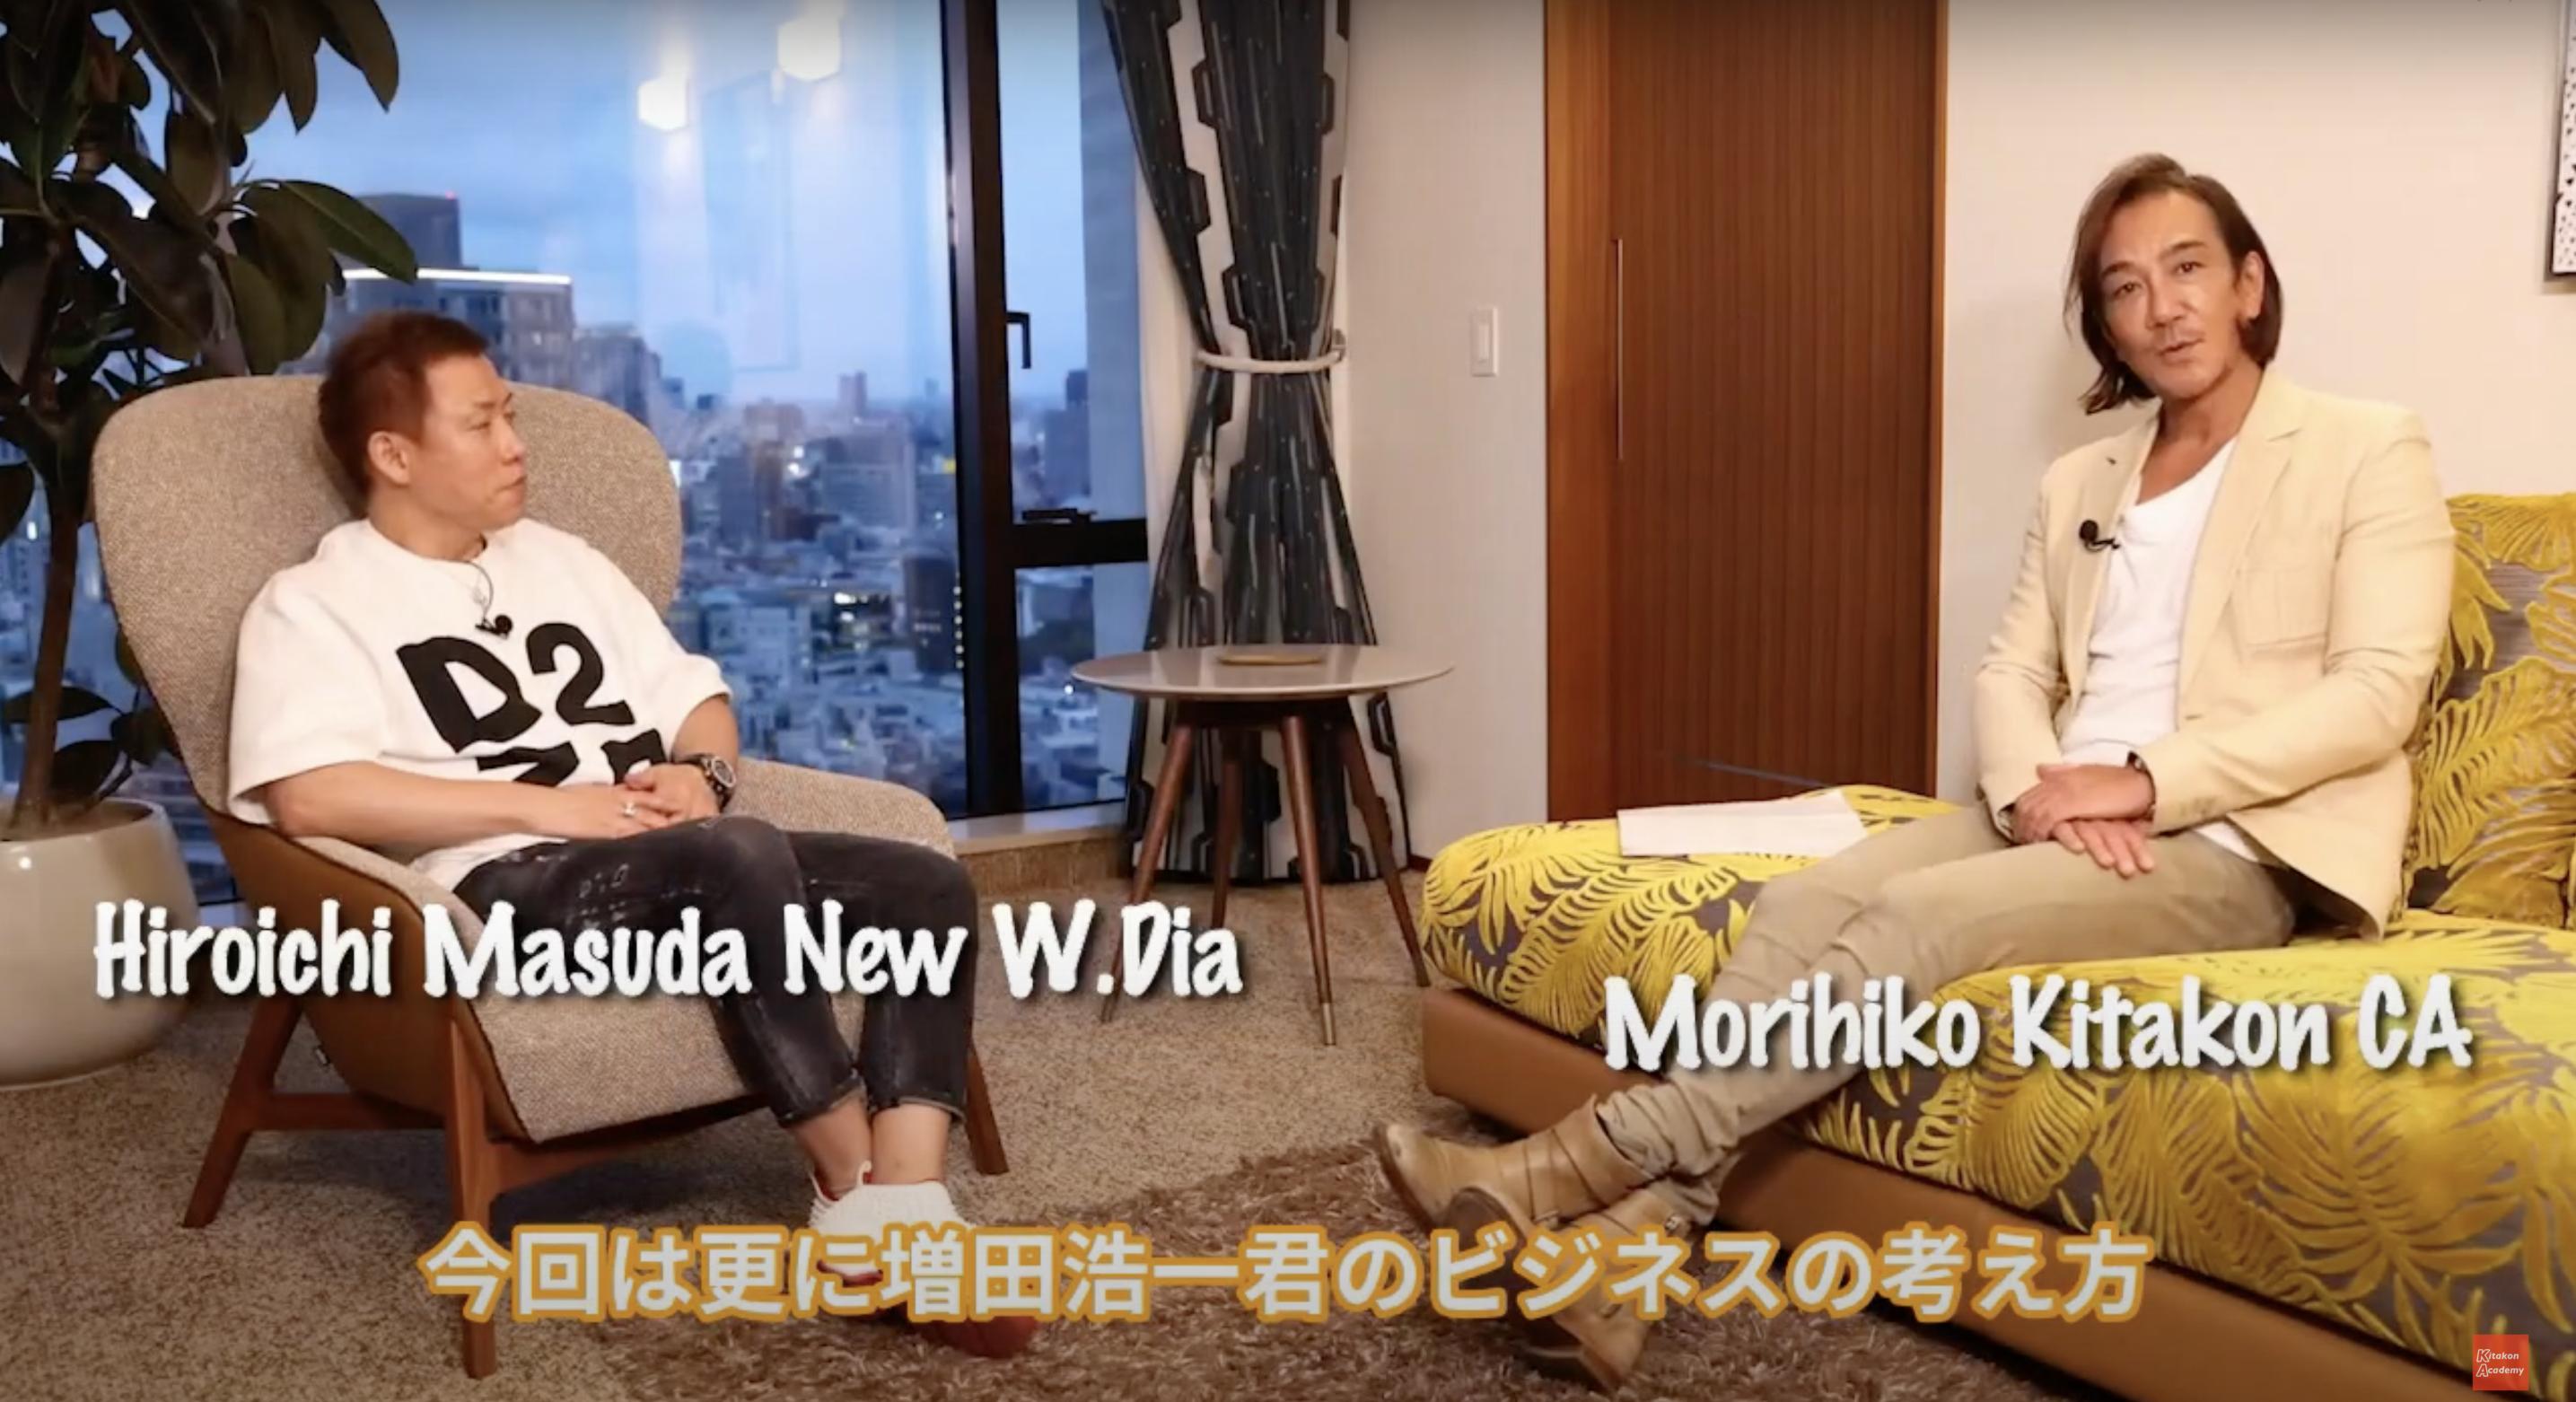 【配信のお知らせ】北紺CA × 増田浩一 GAR W.Dia Vol3